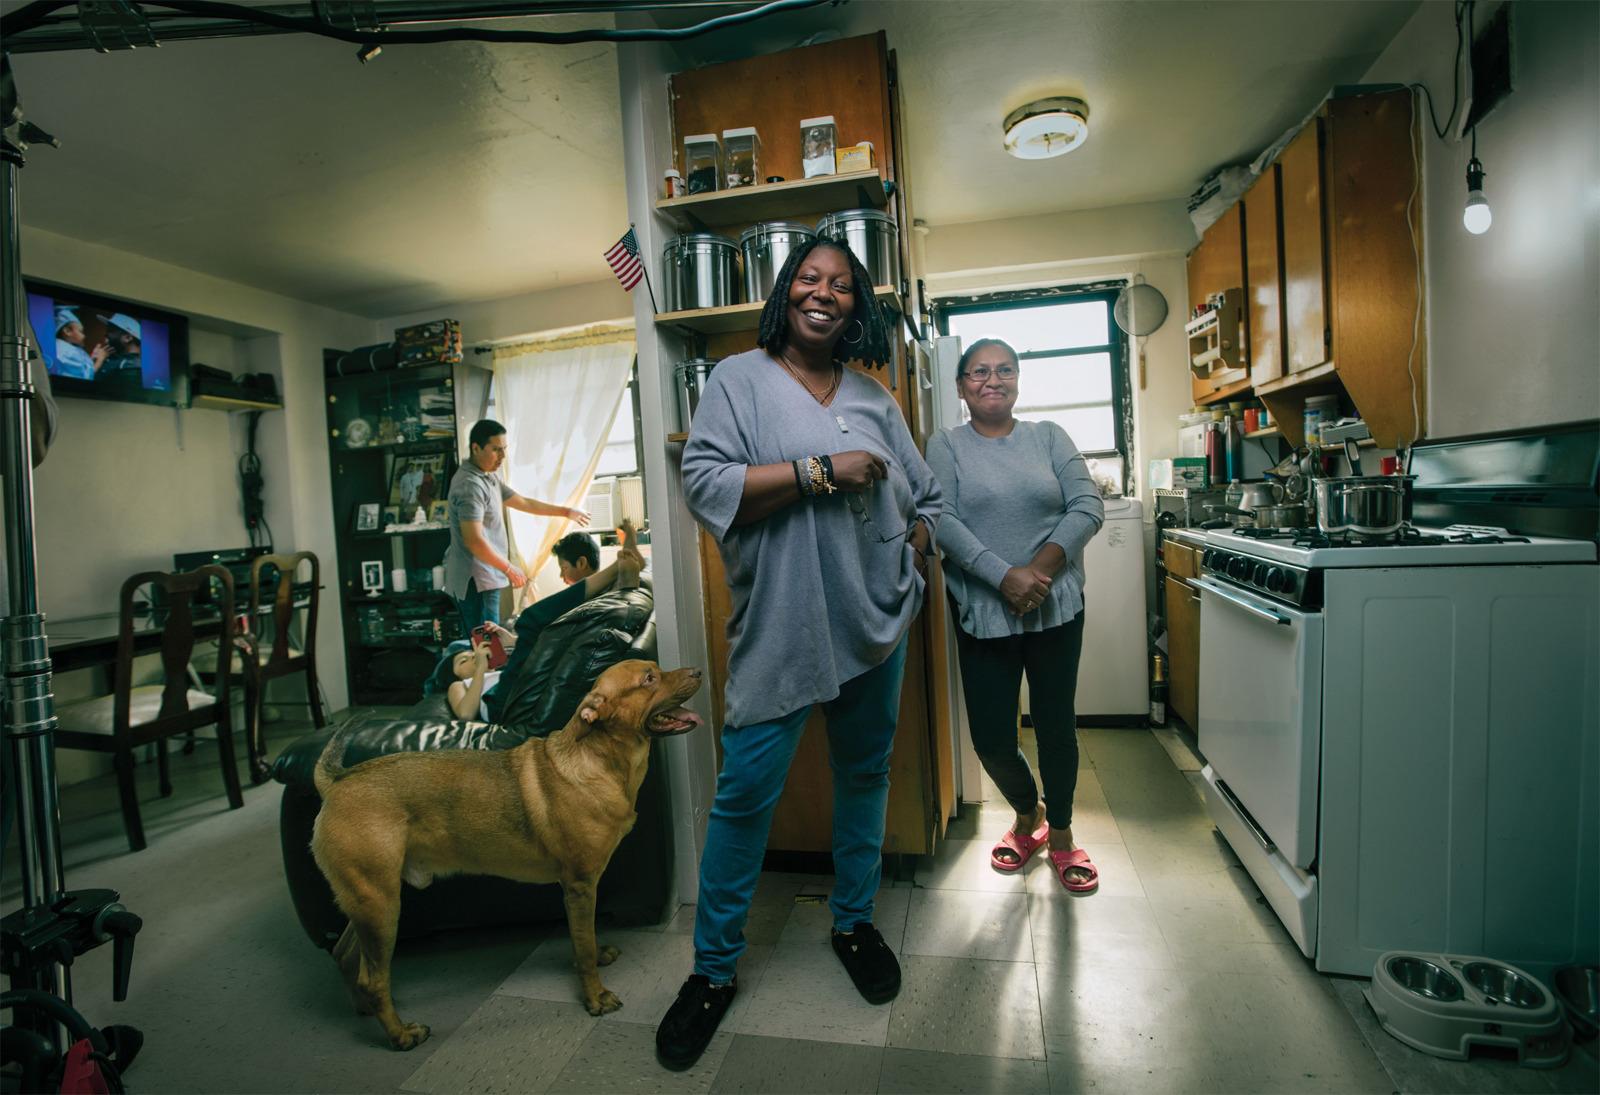 Whoopi Goldberg Lived In The Chelsea Elliot Houses Where